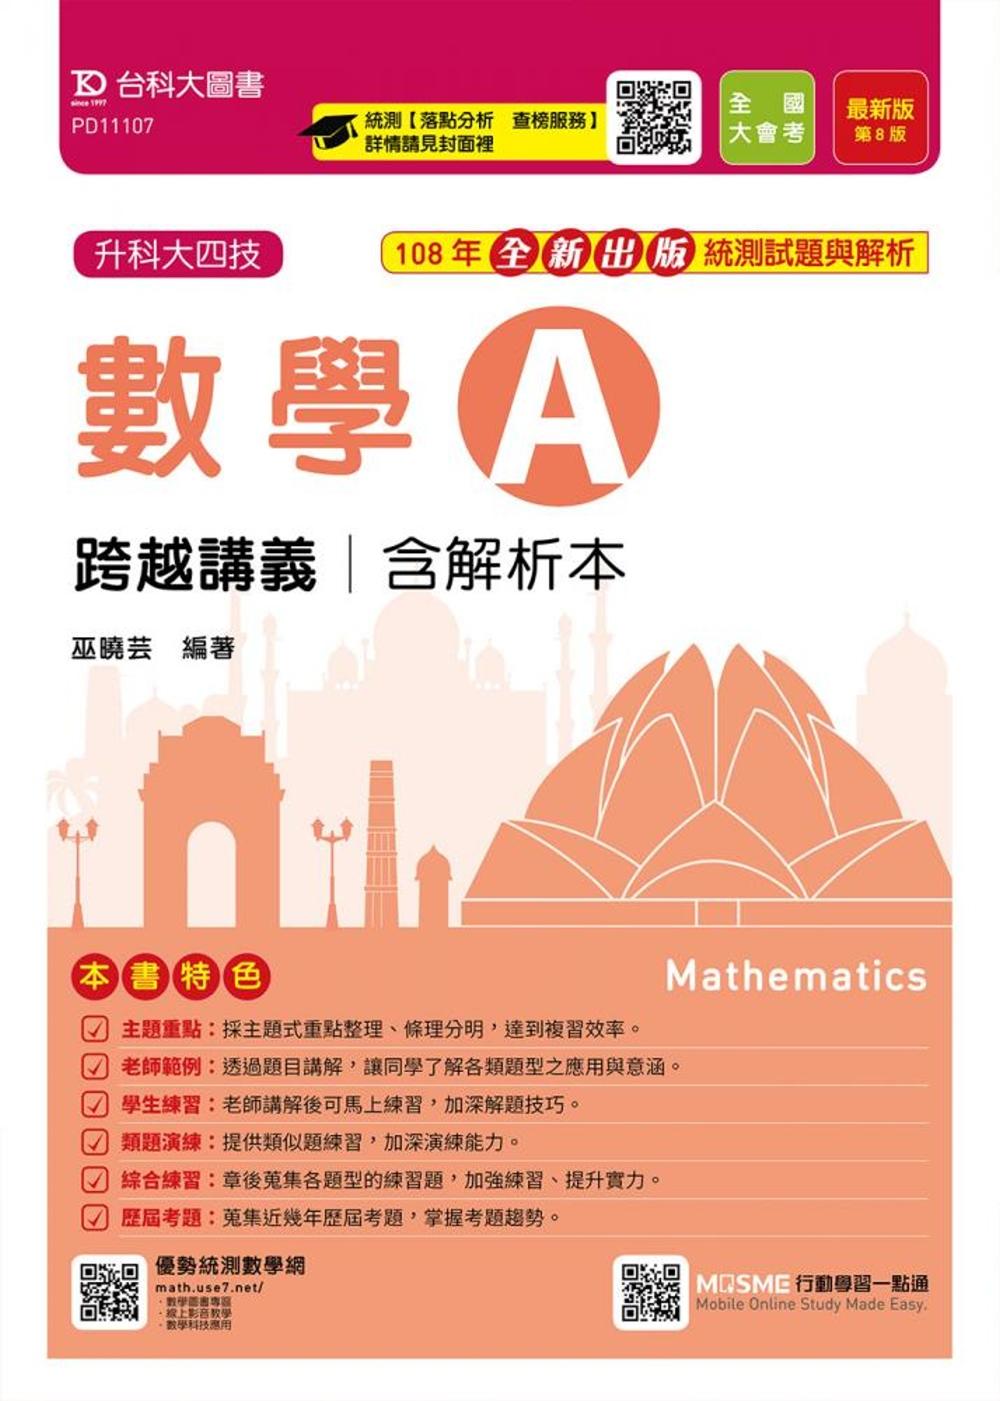 升科大四技數學 A 跨越講義含解析本:附贈MOSME行動學習一點通 最新版(第八版)